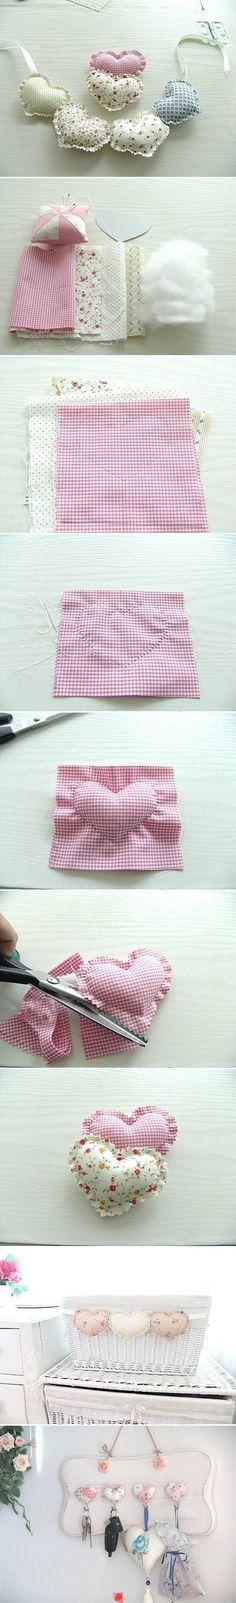 Instrucciones para hacer corazones con telas de patchwork para hacer Guirnaldas